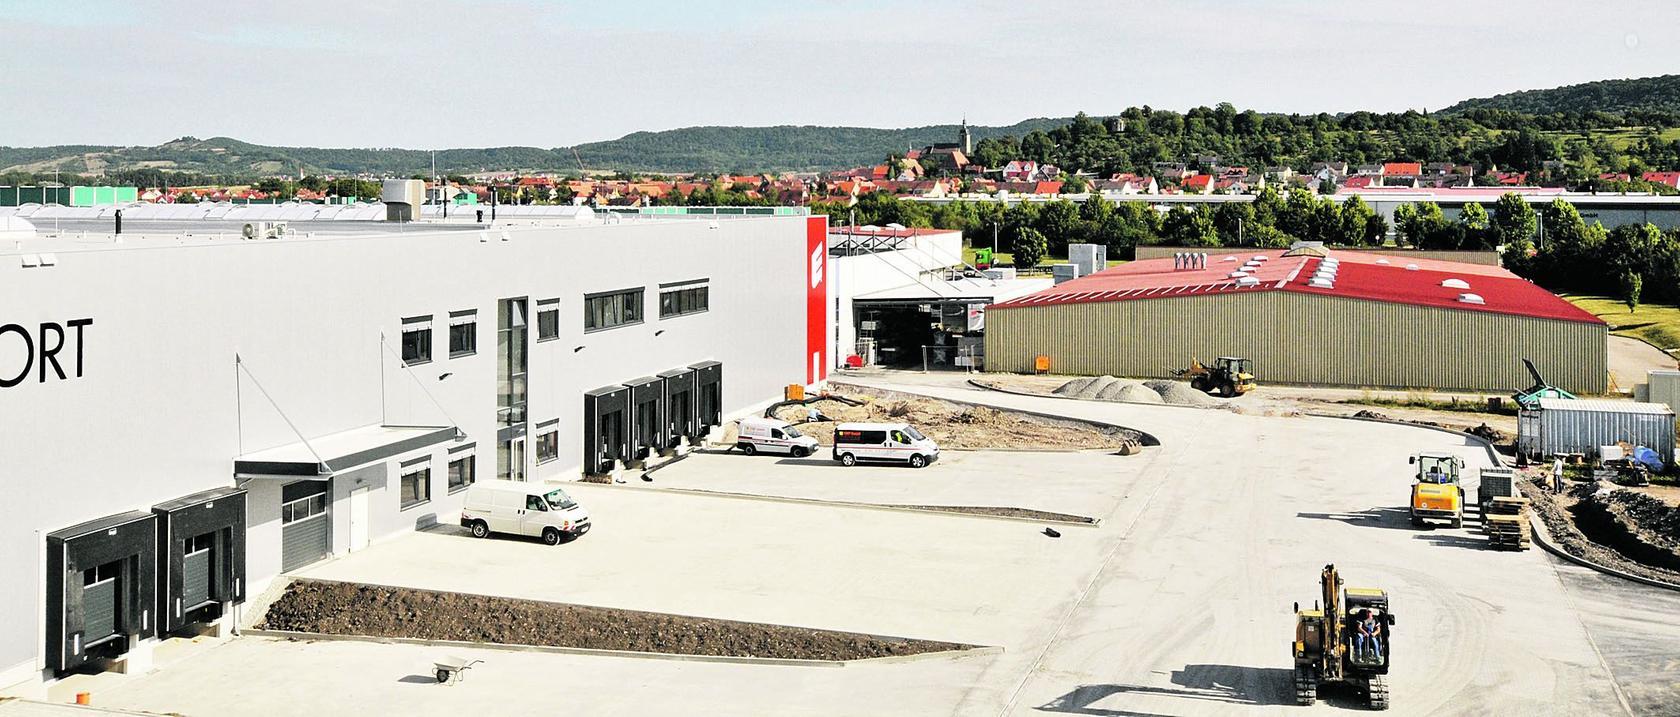 Das neue Lager und Logistikzentrum von Erhard Sport (links im Bild) ergänzt seit Kurzem den Produktionsstandort Burgbernheim.